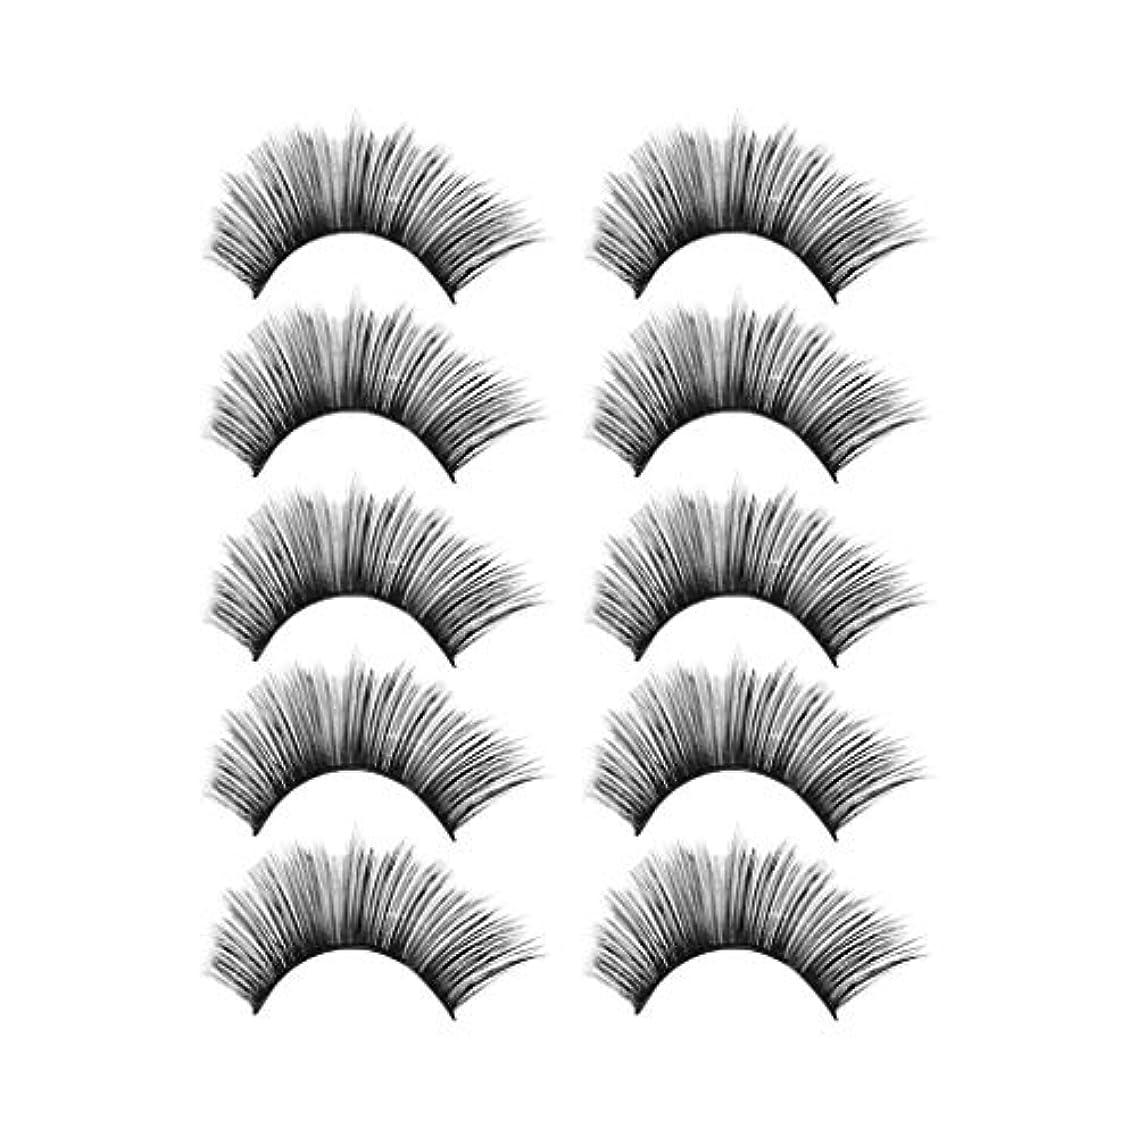 六メロディアス入浴贅沢な構造5Pair 3Dのまつげふわふわのストリップまつげの長く自然な党